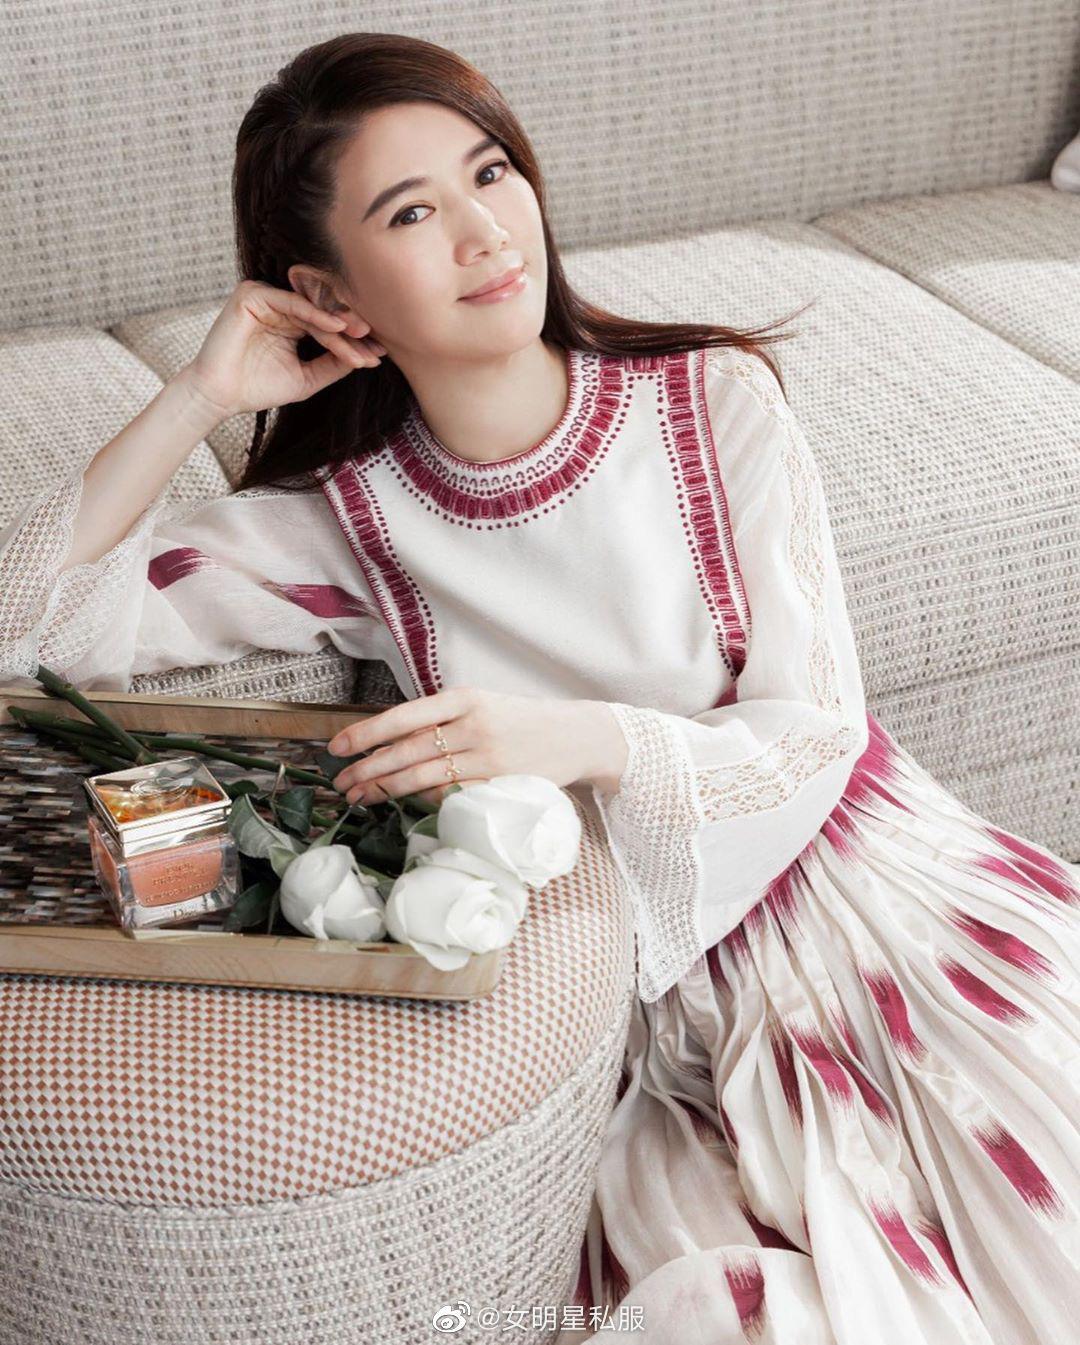 """Angela Baby cũng phải """"xin thua"""" Hoa hậu Hong Kong Viên Vịnh Nghi khi lệch gần 20 tuổi mà vẫn đẹp như tiên tử dù diện váy kín bưng - Ảnh 2."""